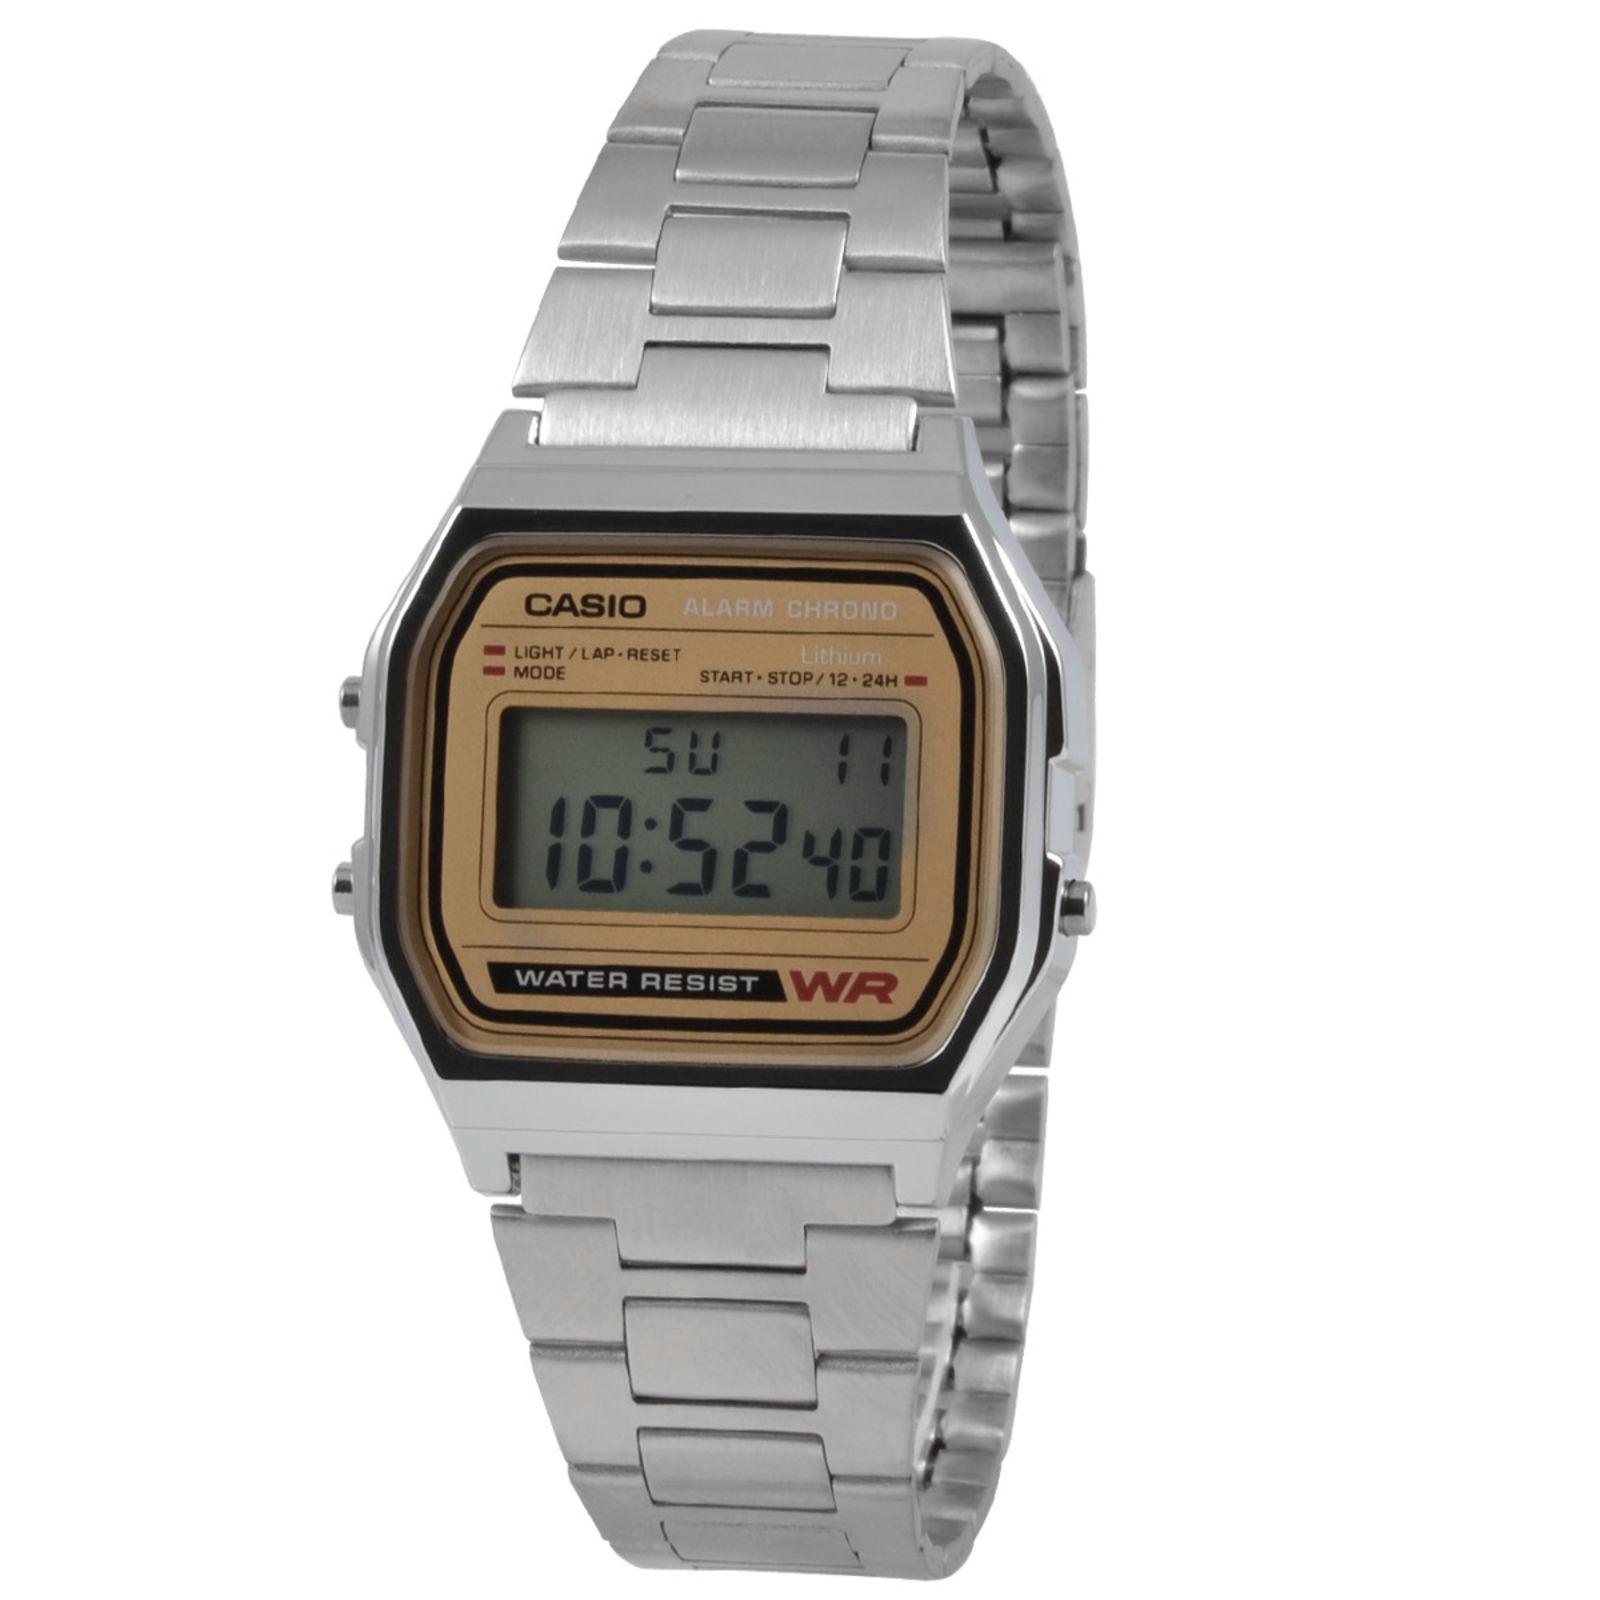 8aa212900ad6 Reloj clásico vintage de Casio